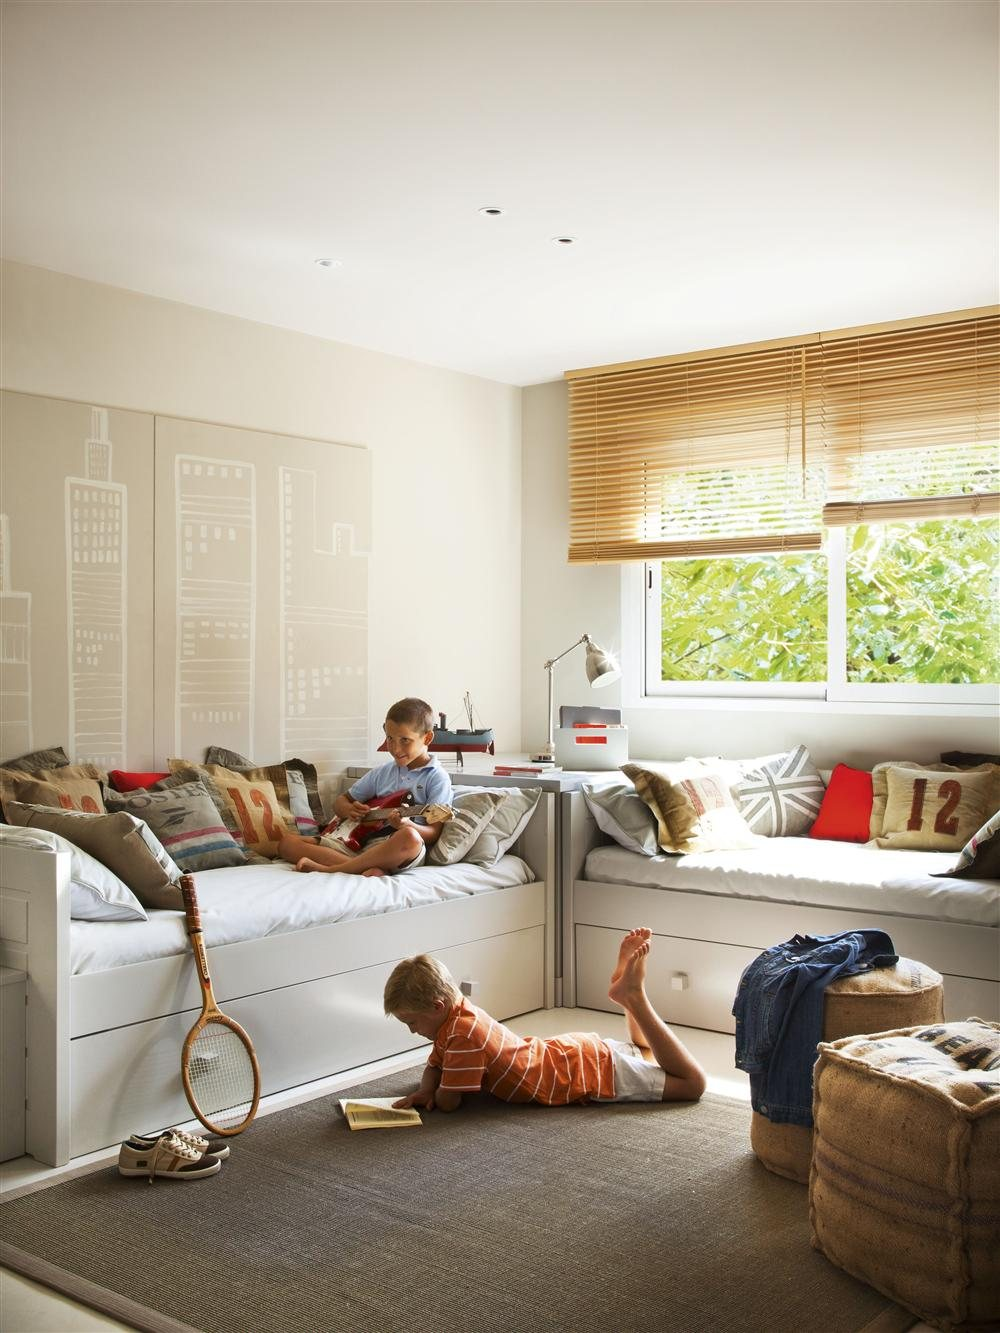 Una habitaci n decorada con n meros y letras for Pared de habitacion decorada